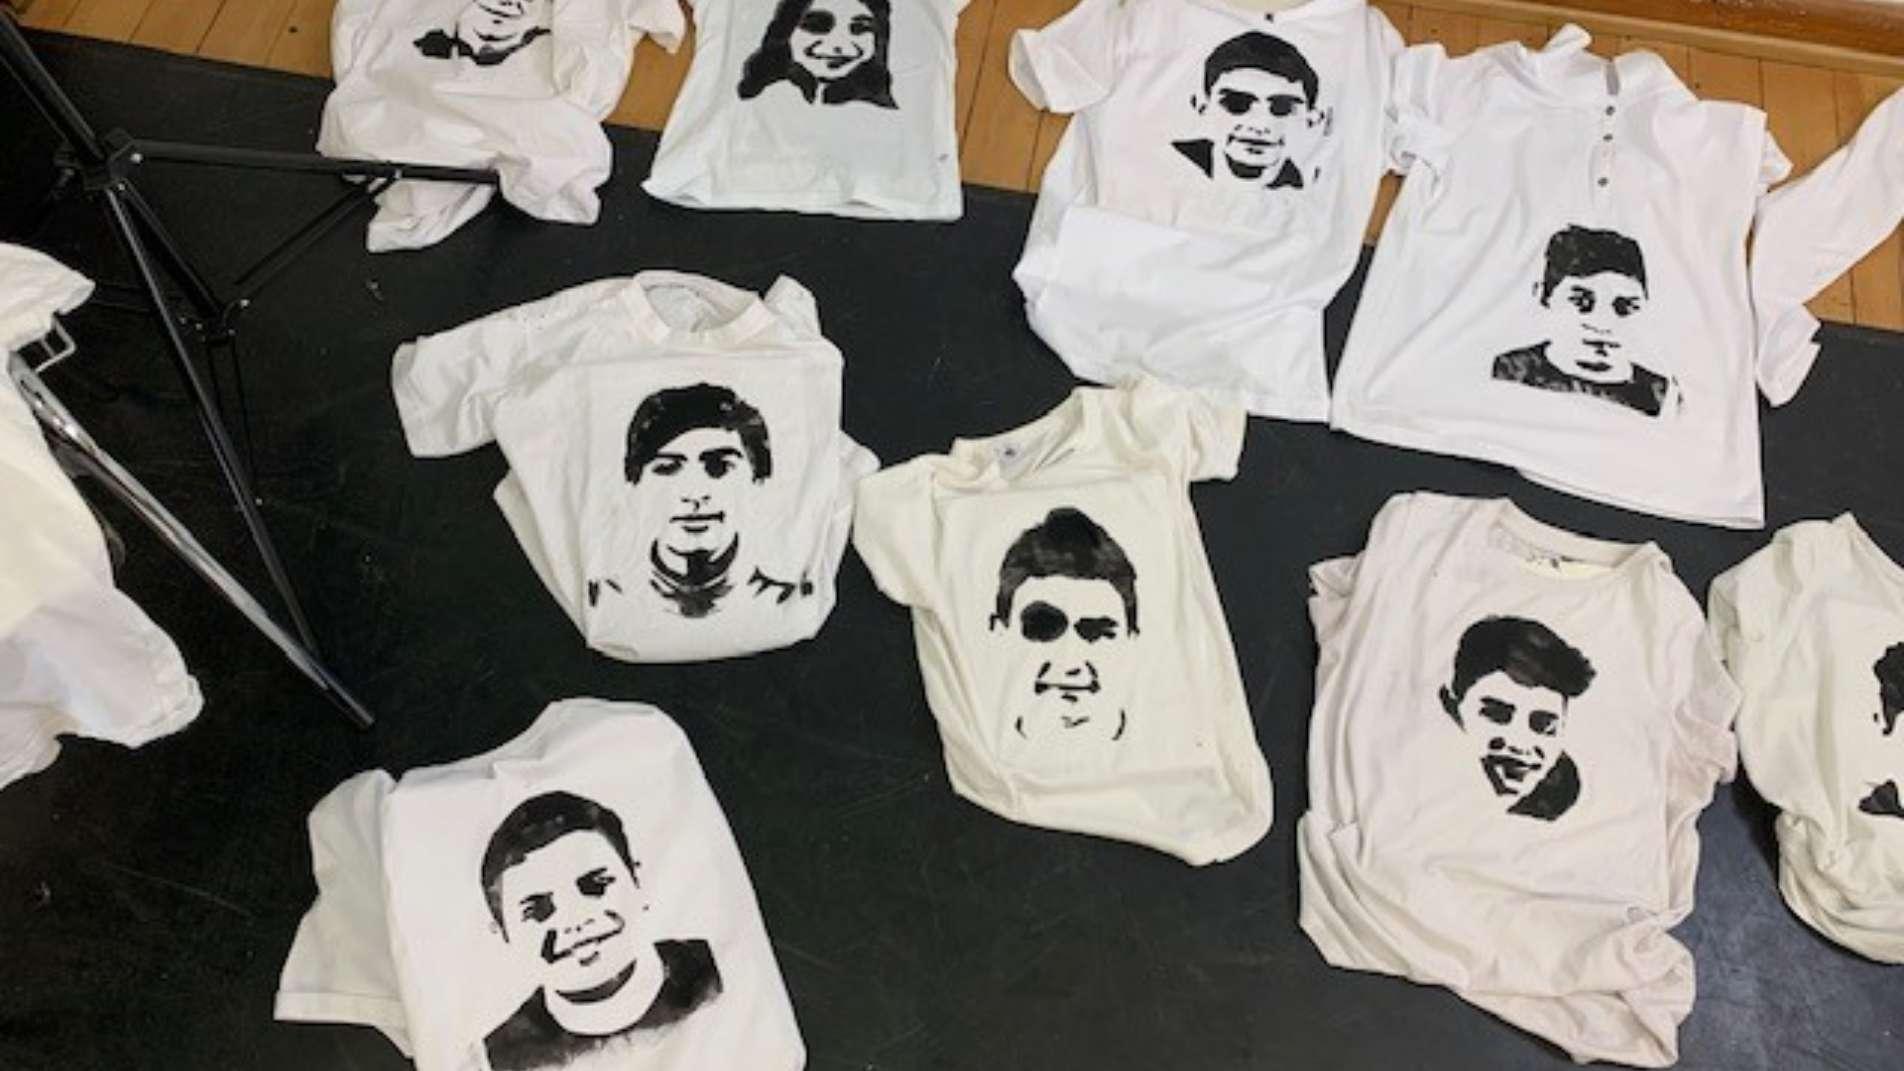 Auf dem Boden liegende, weiße T-Shirts, die in Schwarz mit Gesichtern bedruckt sind